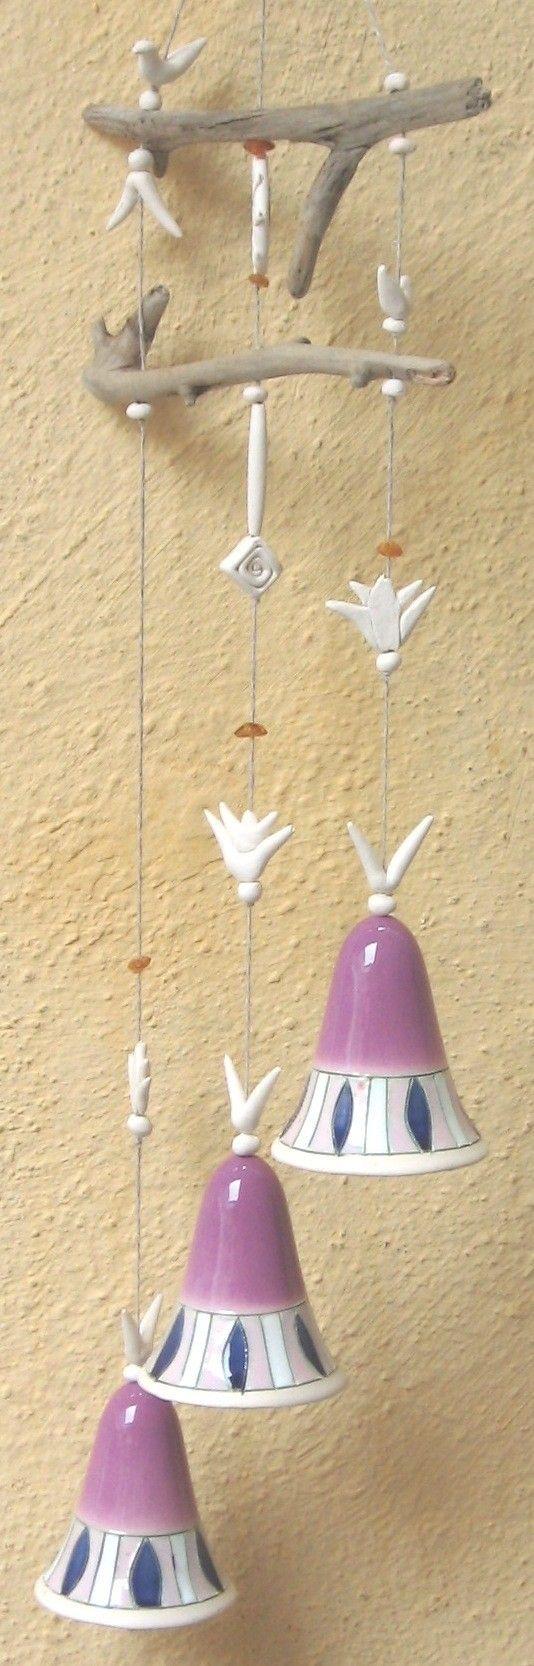 L'Atelier d'Anduze: Carillons de la fée clochette